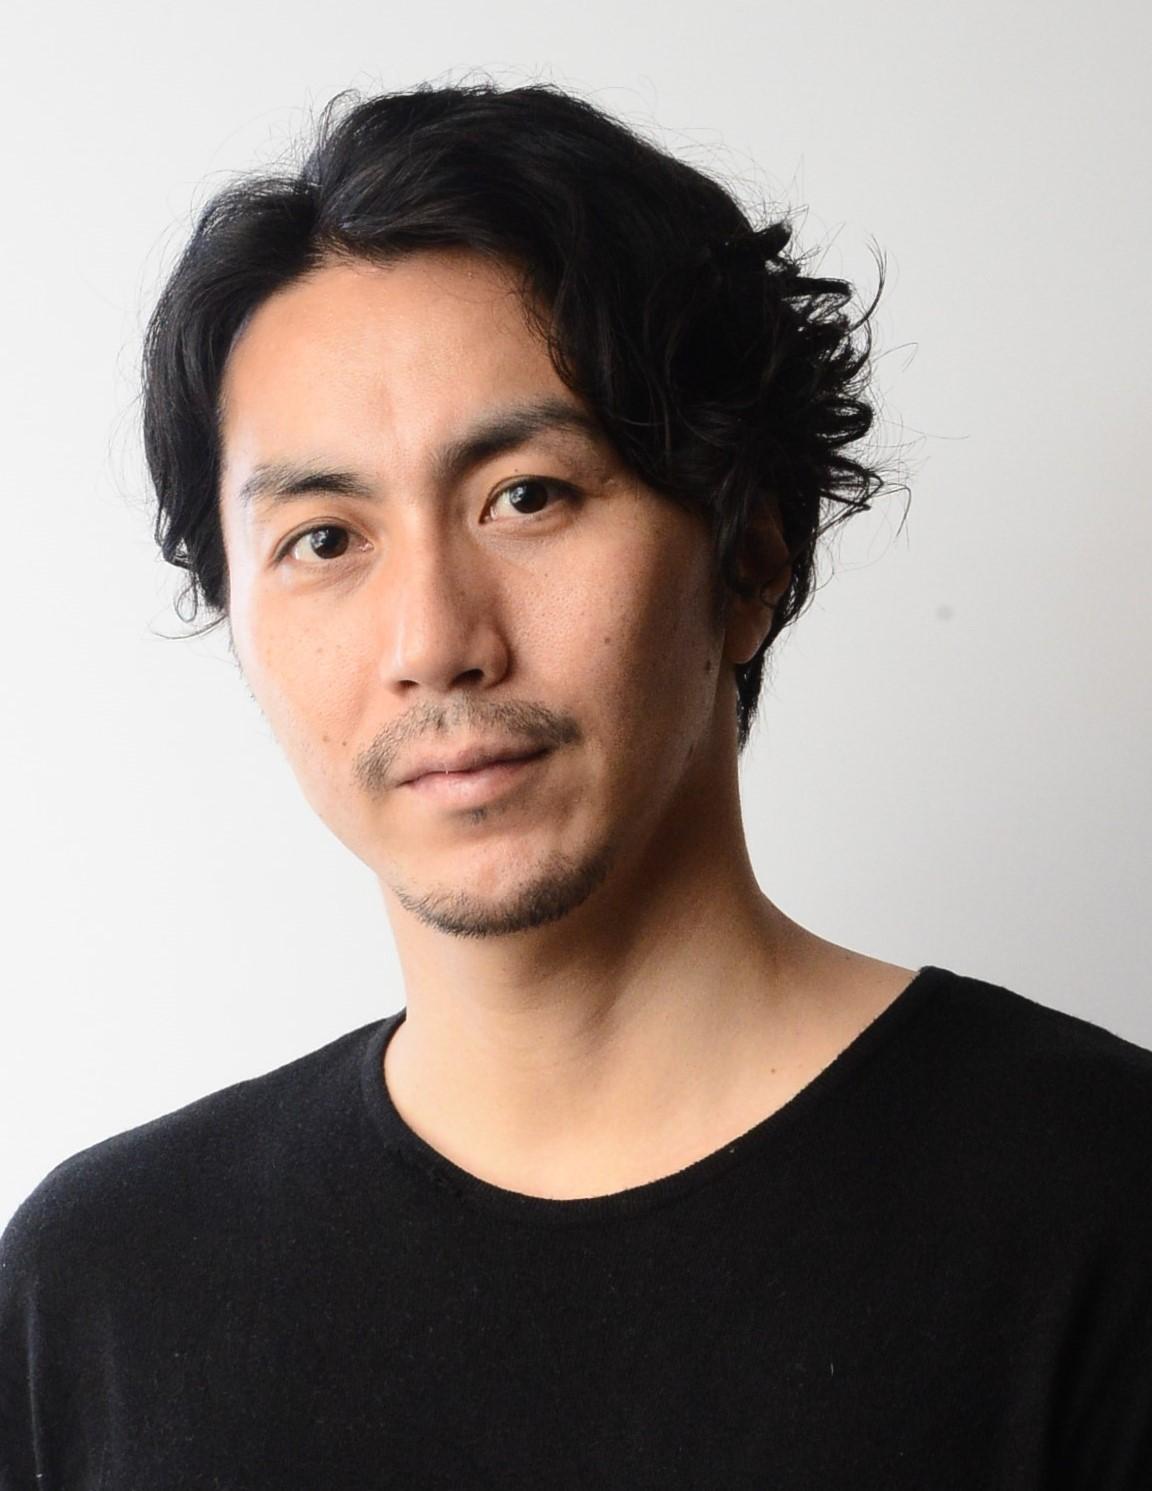 「幽☆遊☆白書」が8月に舞台化決定 キャストは崎山つばさ・鈴木拡樹らが出演 最新情報も公開 イメージ画像